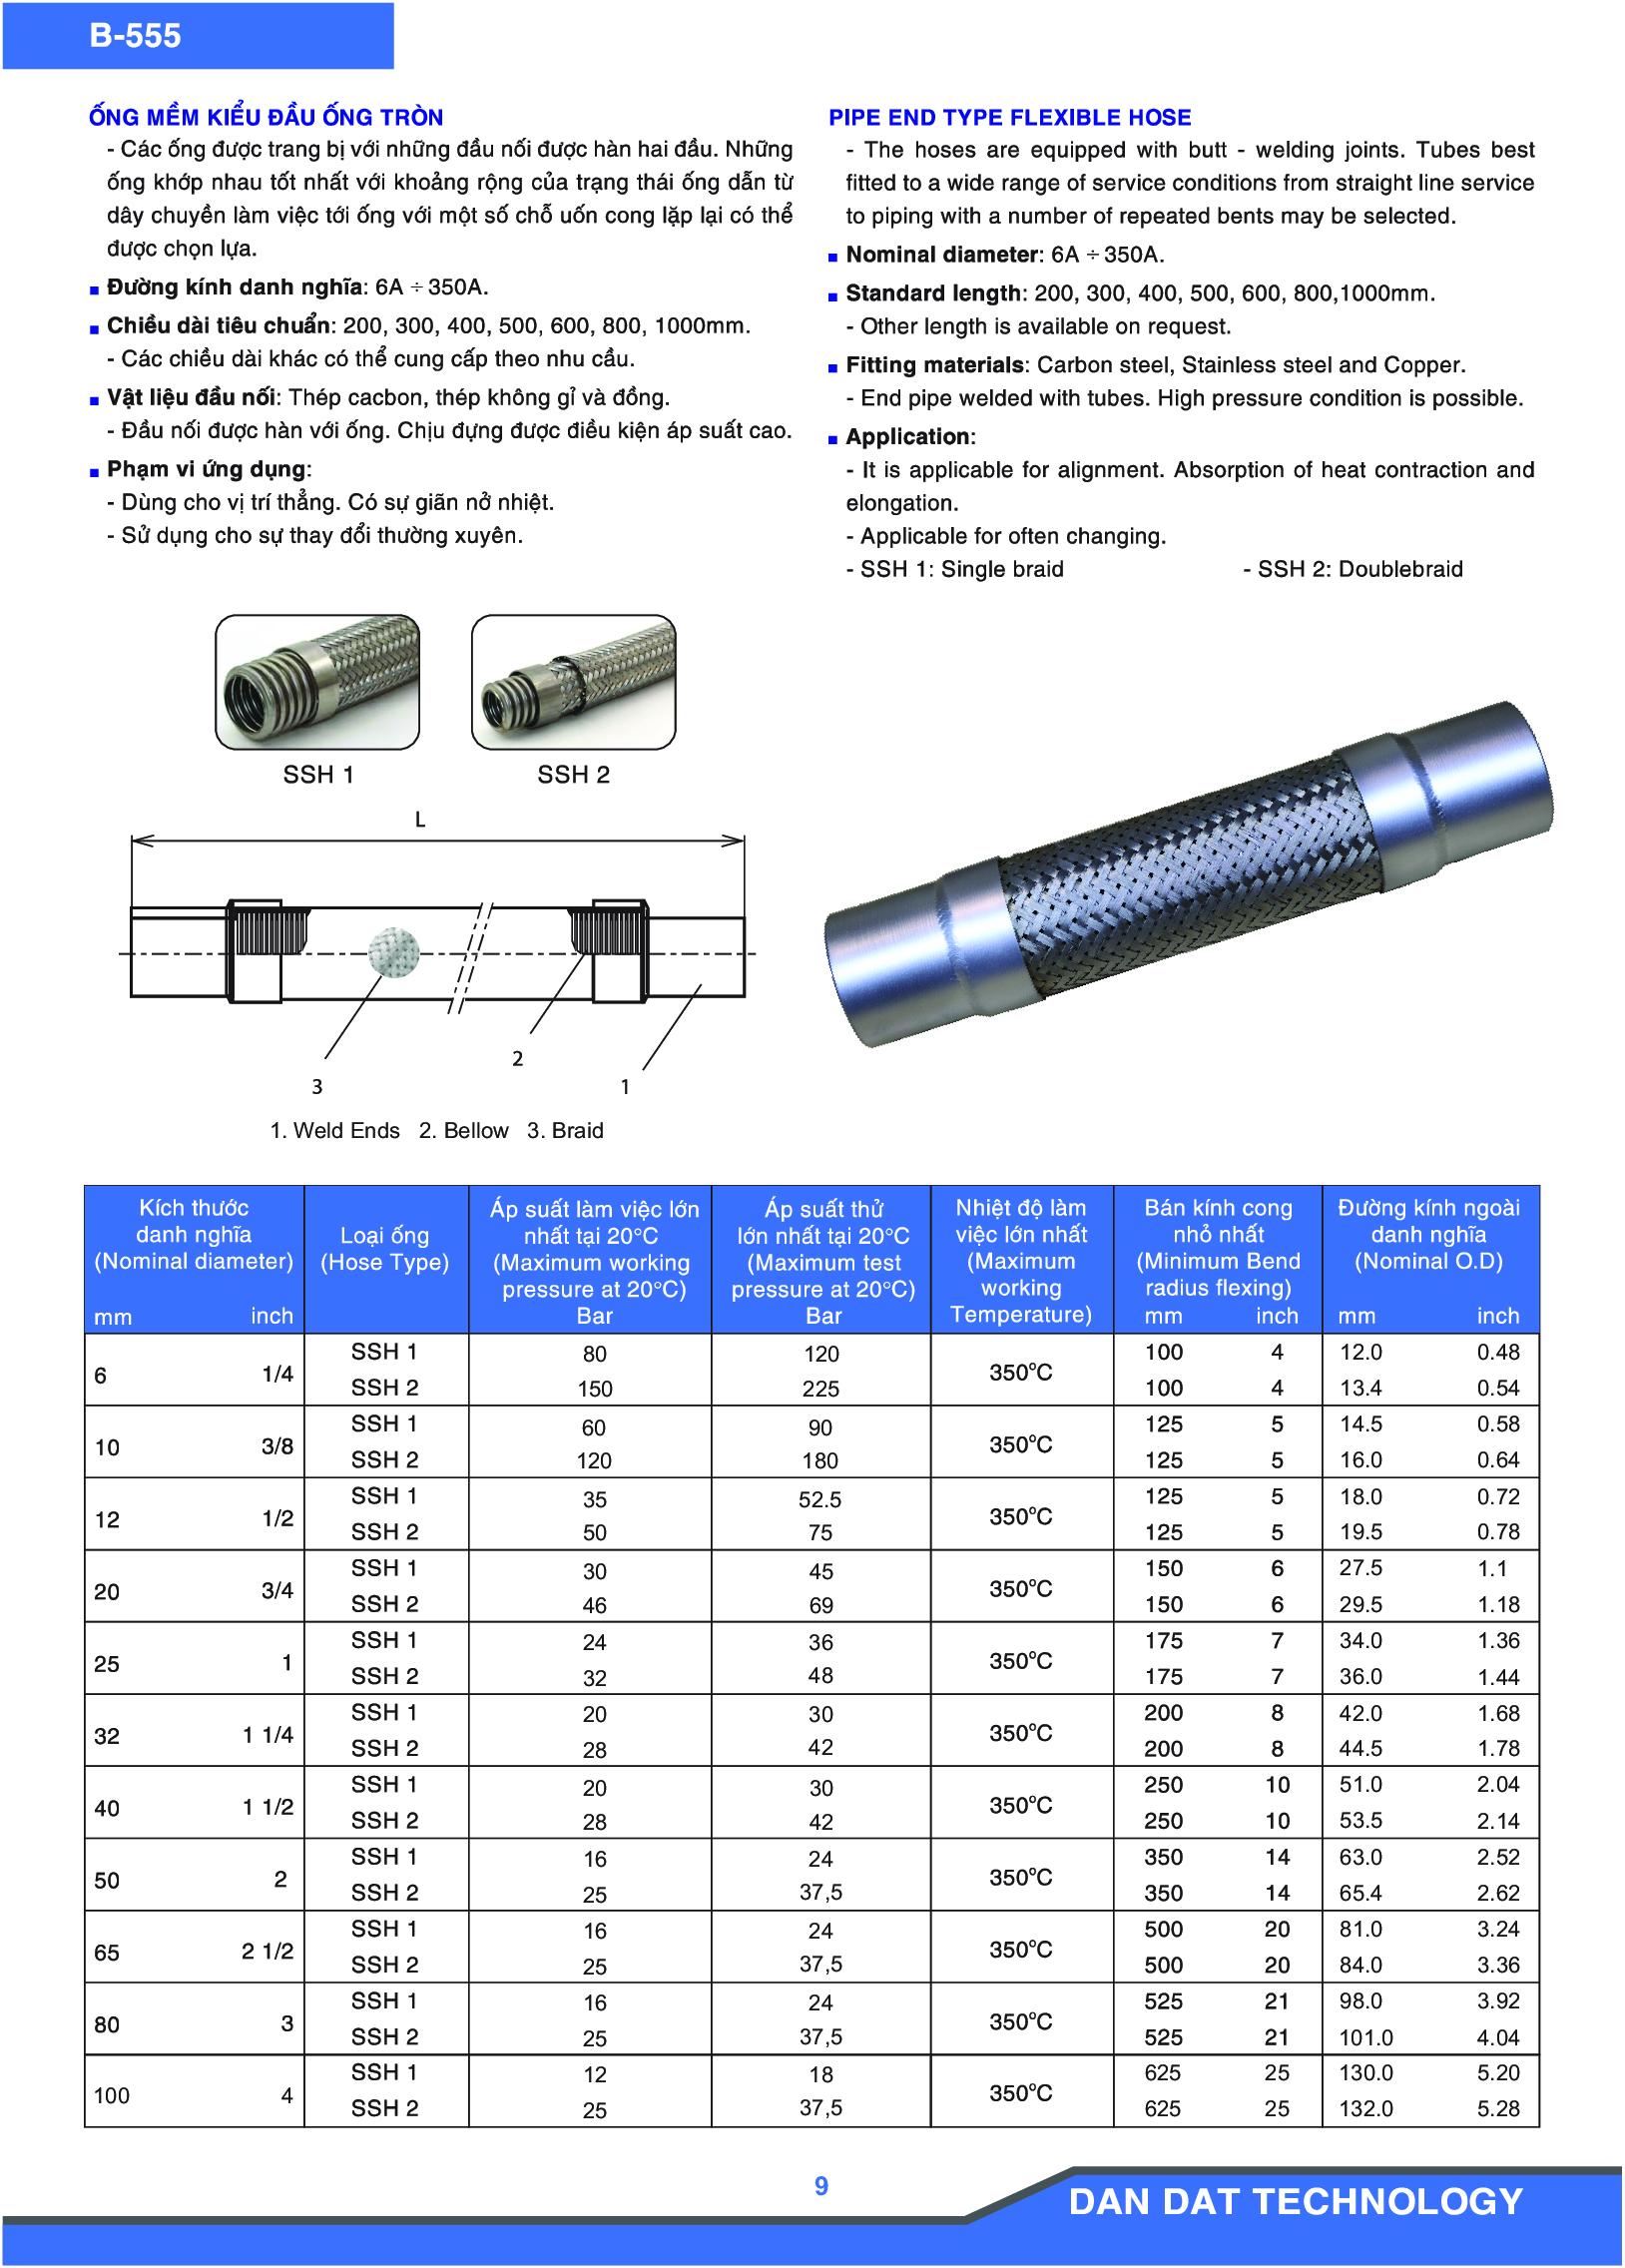 Khớp nối mềm model B-555